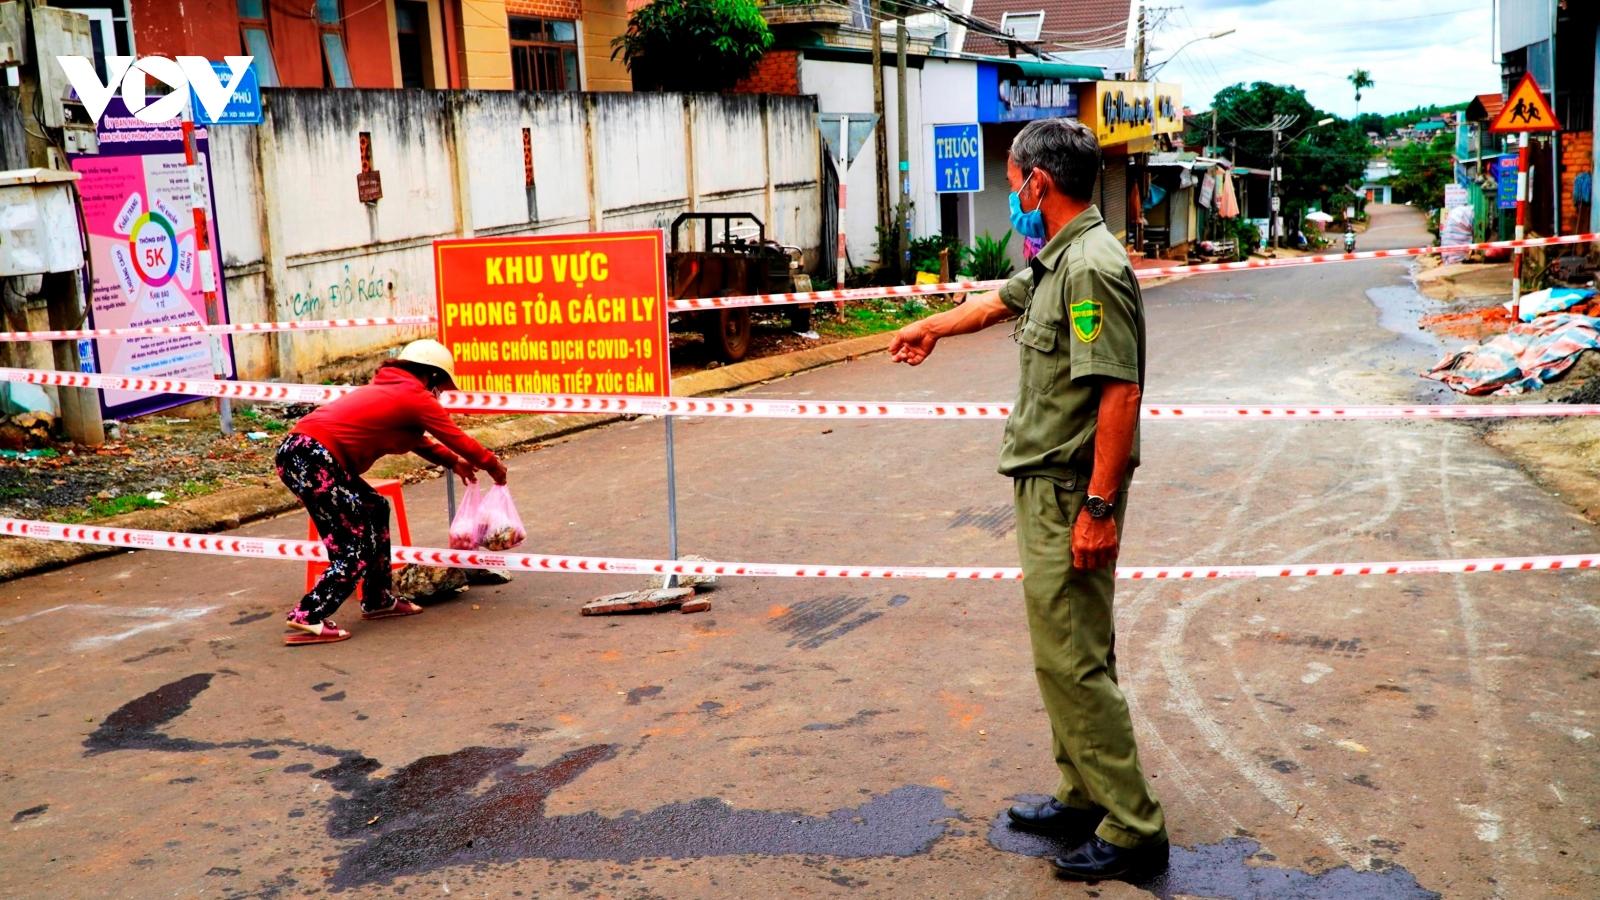 Giãn cách huyện Đắk Mil theo Chỉ thị 16 sau khi xuất hiện ca mắc Covid-19 cộng đồng